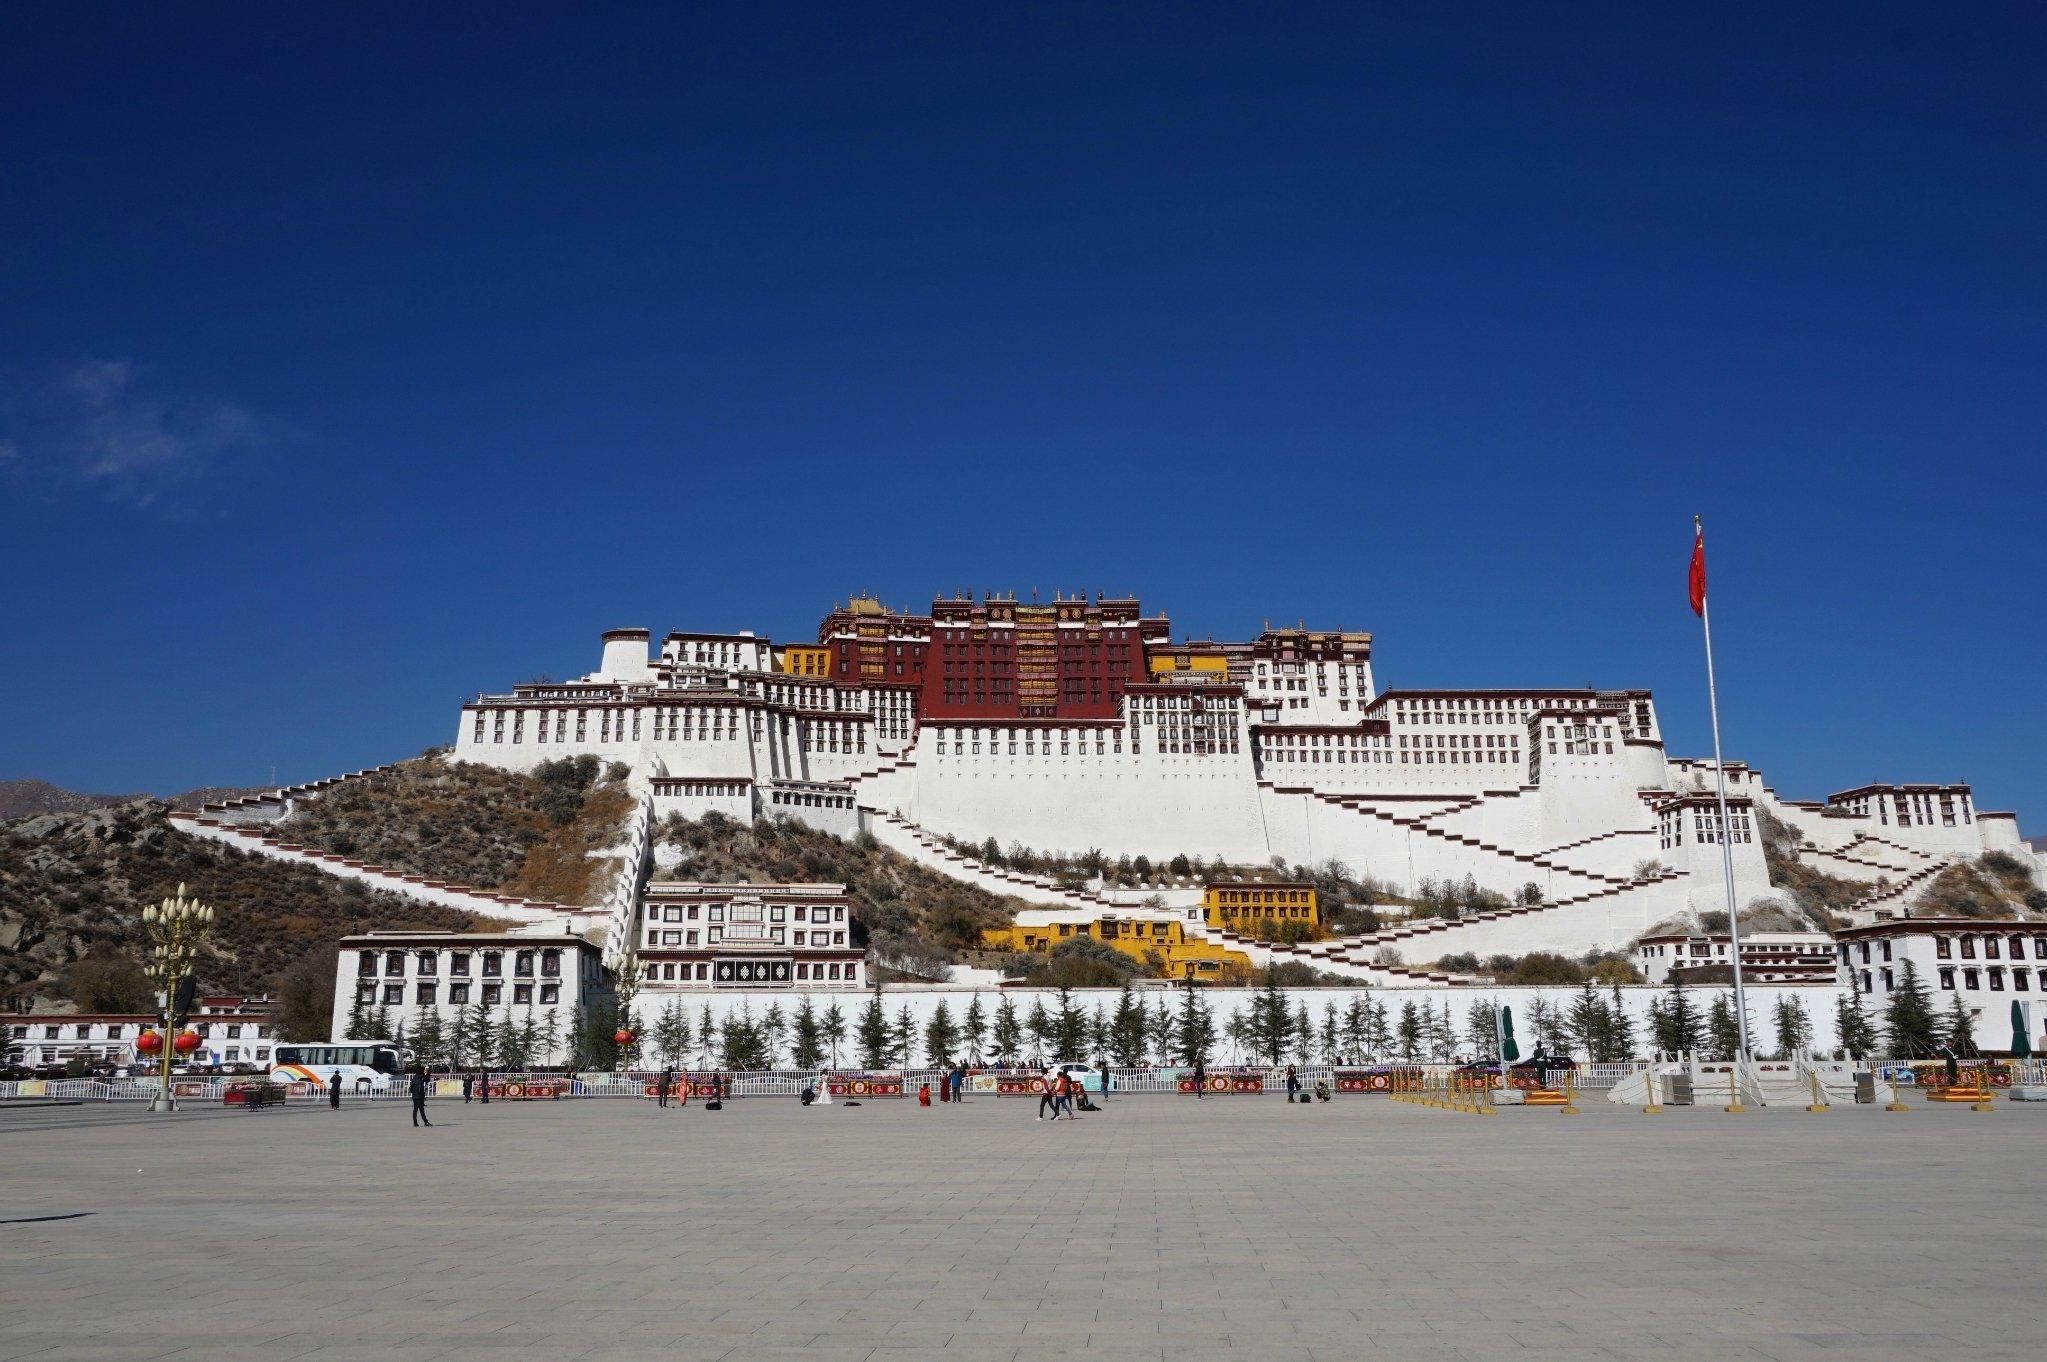 梦想的圣地,终与你相会——西藏10日游全纪录